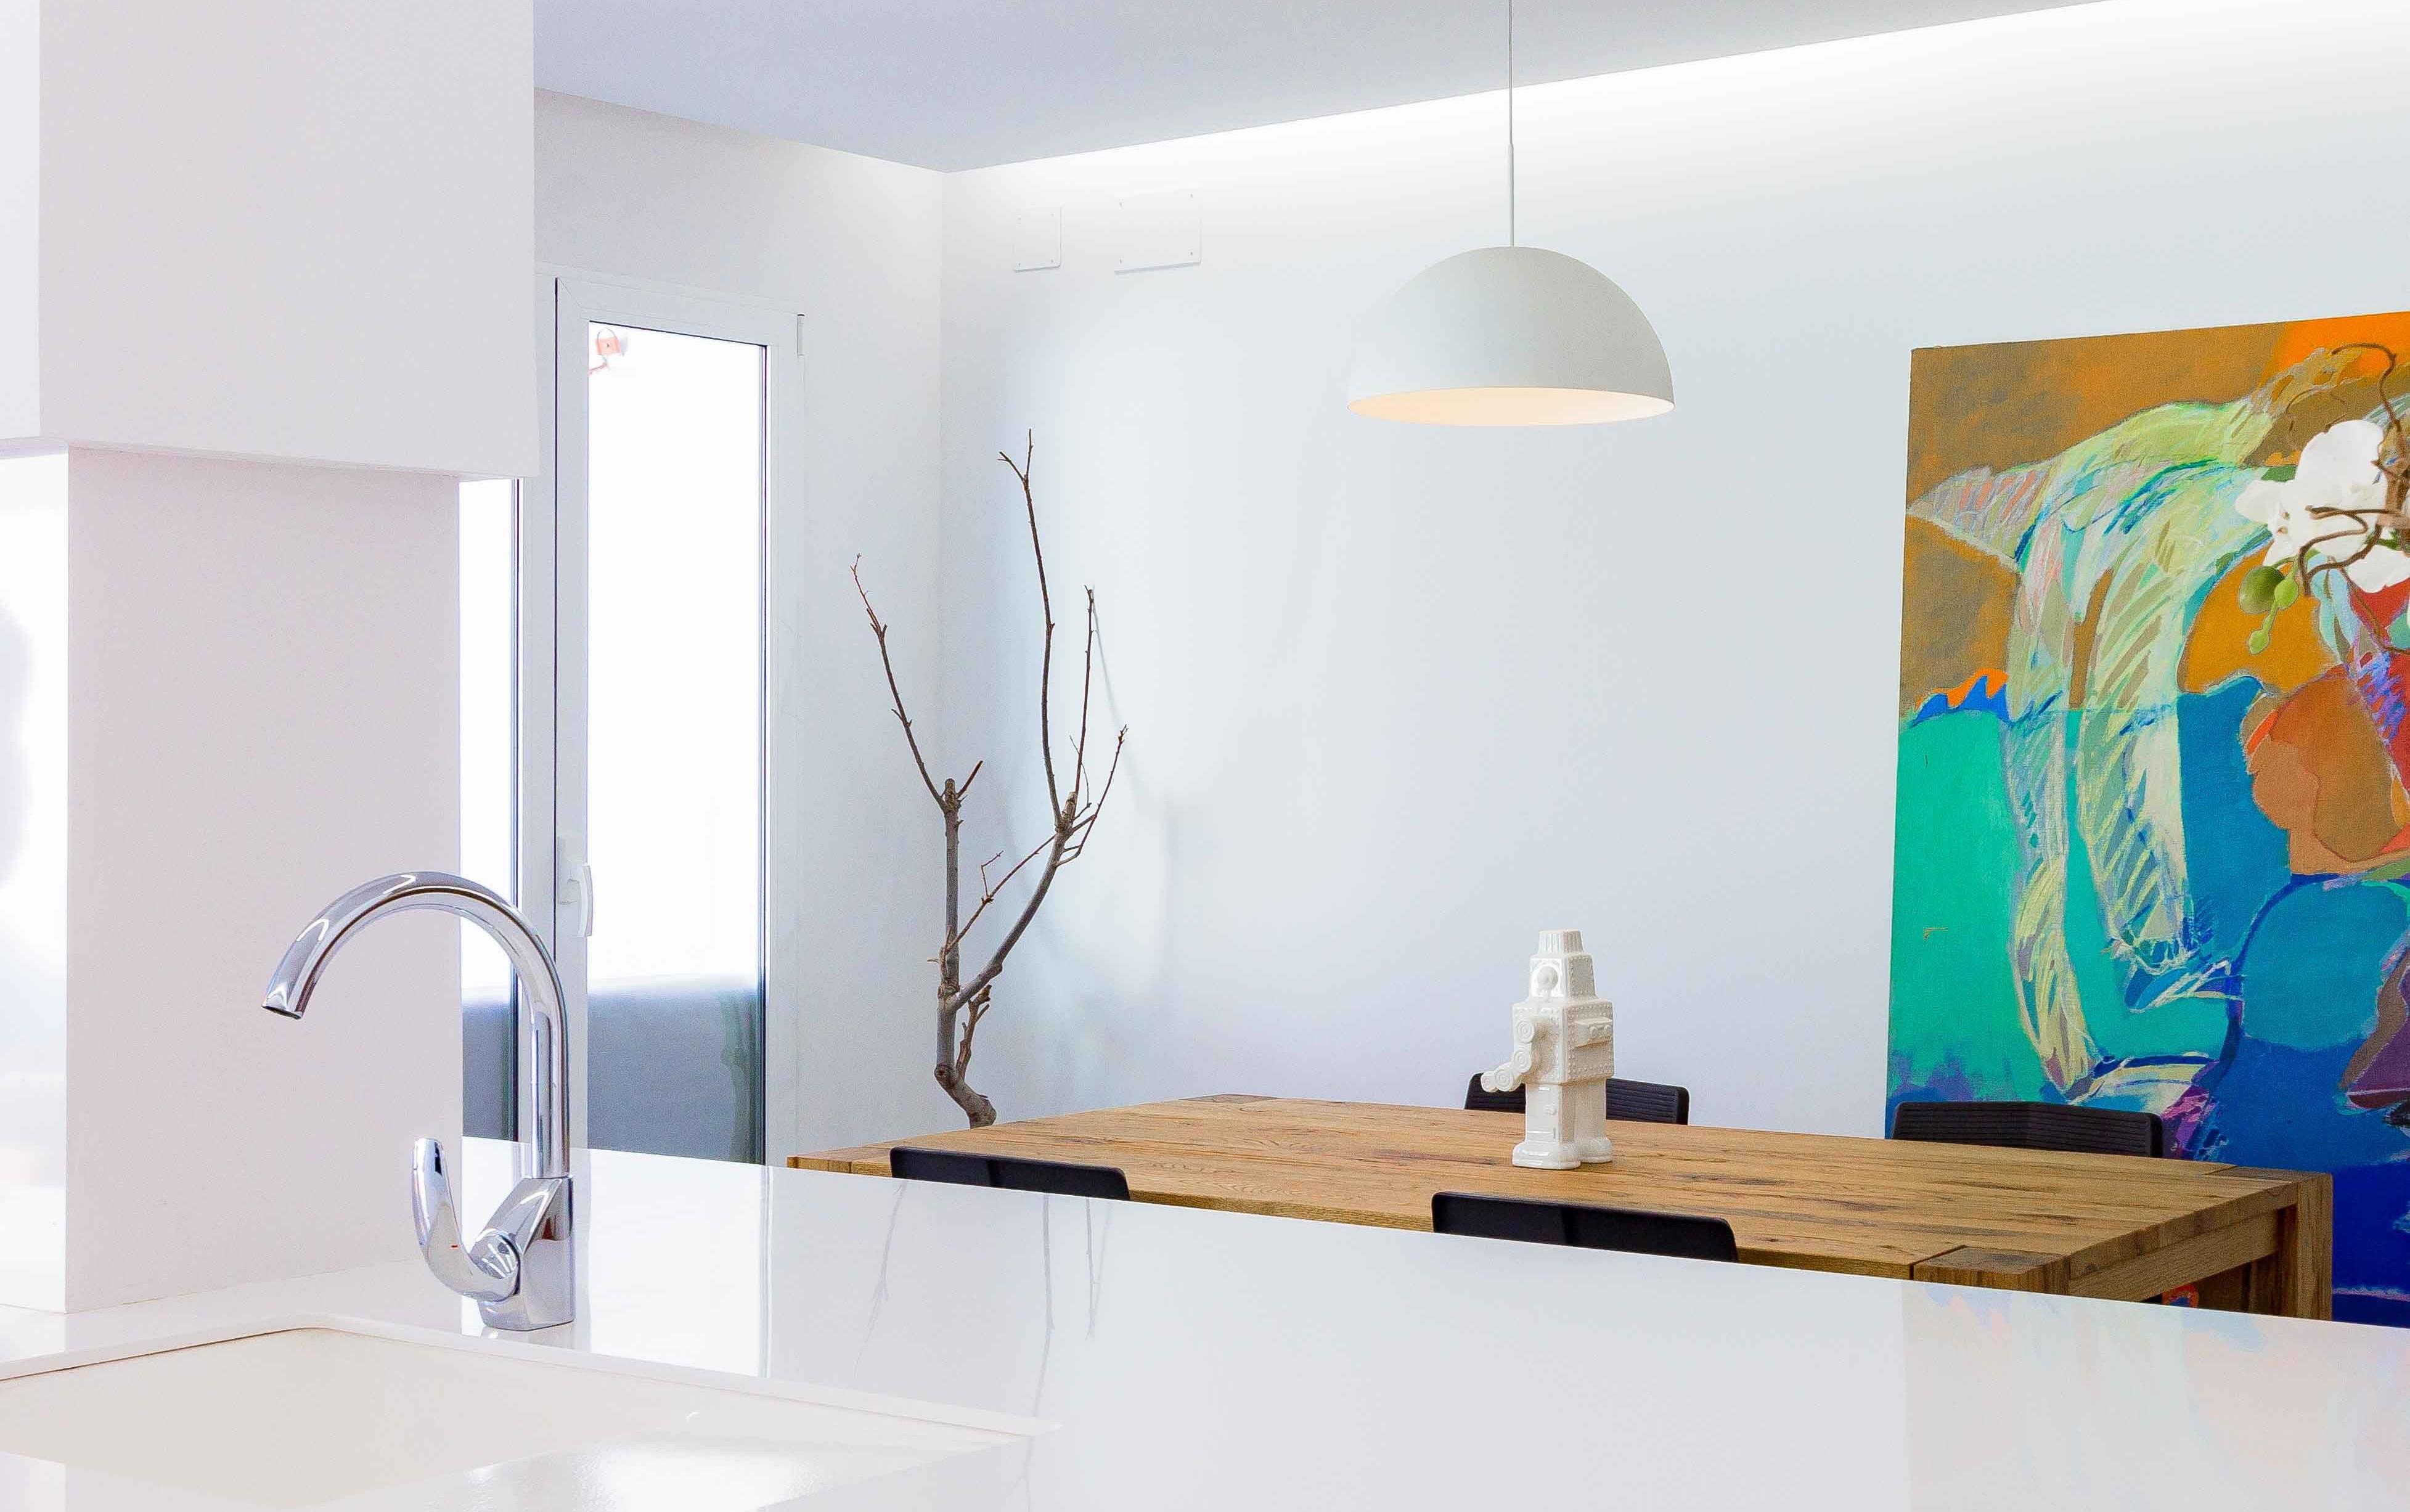 Decoración de cocina comedor estilo nórdico minimalista con mesa de madera en reforma de casa. Chiralt Arquitectos Valencia.